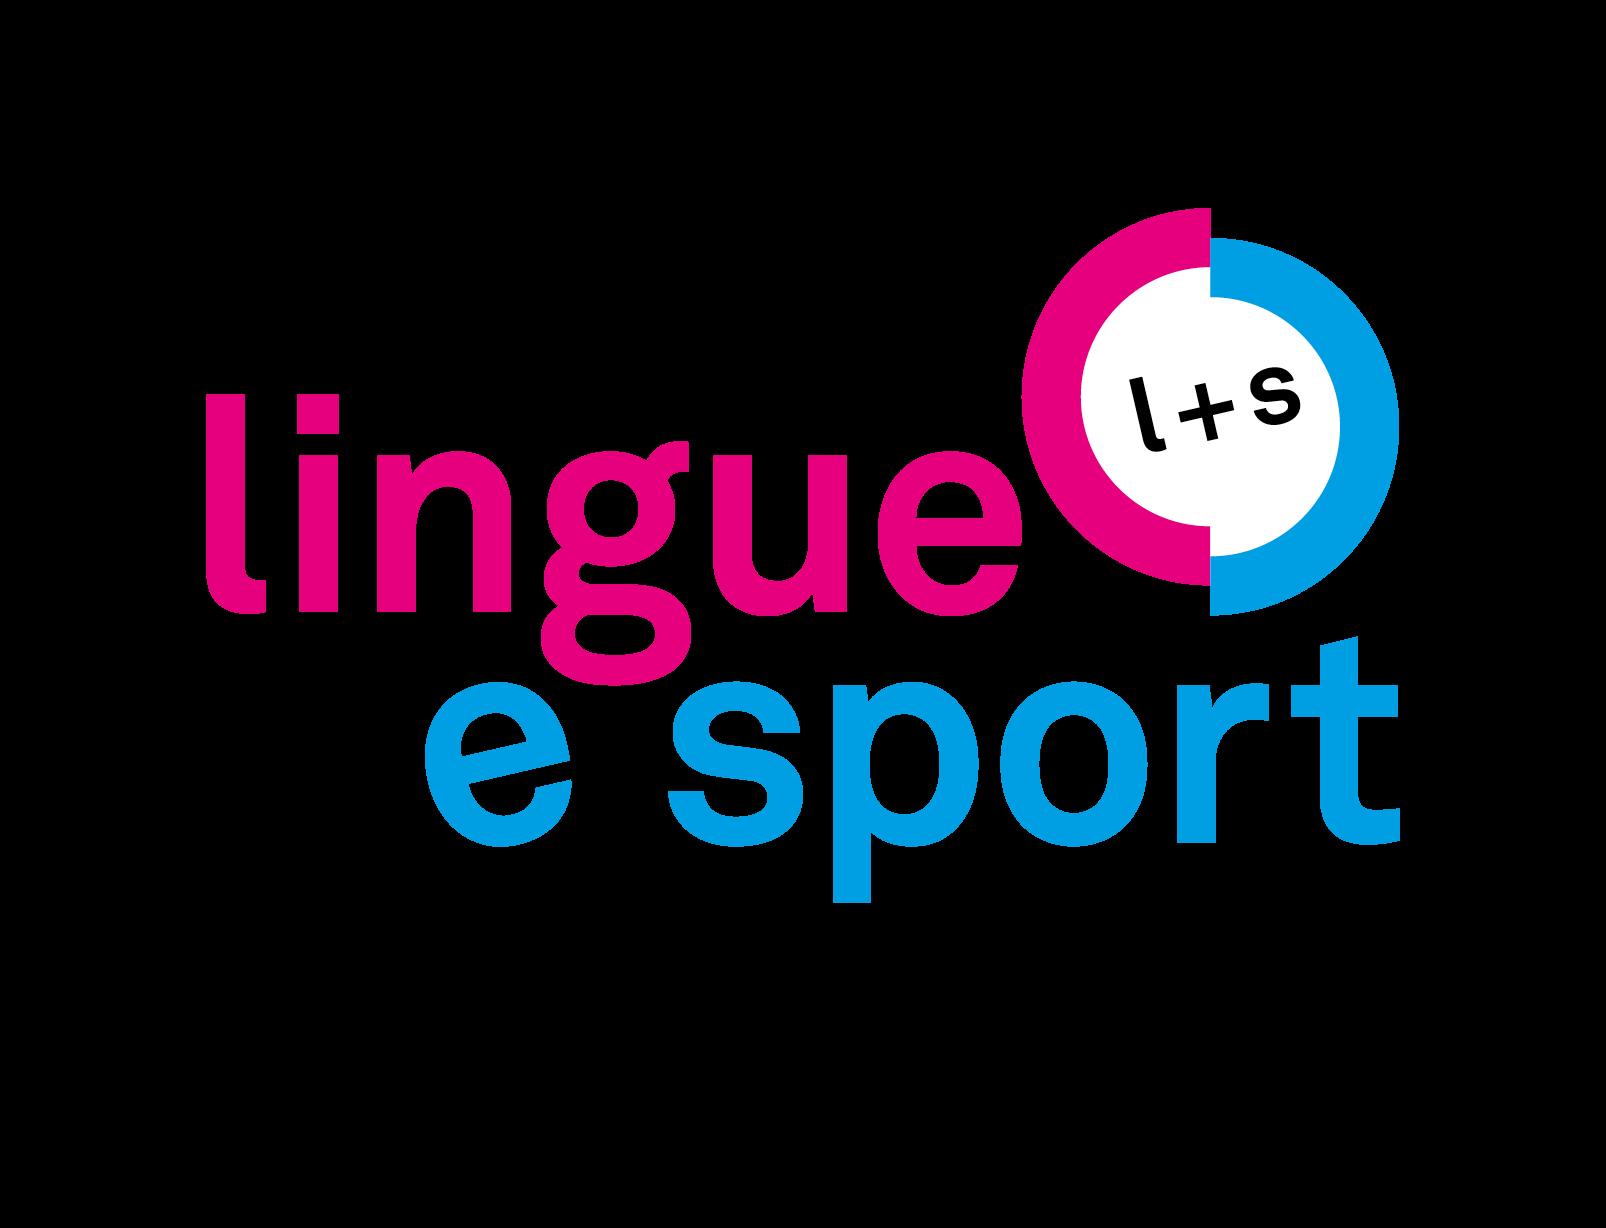 Lingue e Sport - Olivone 1